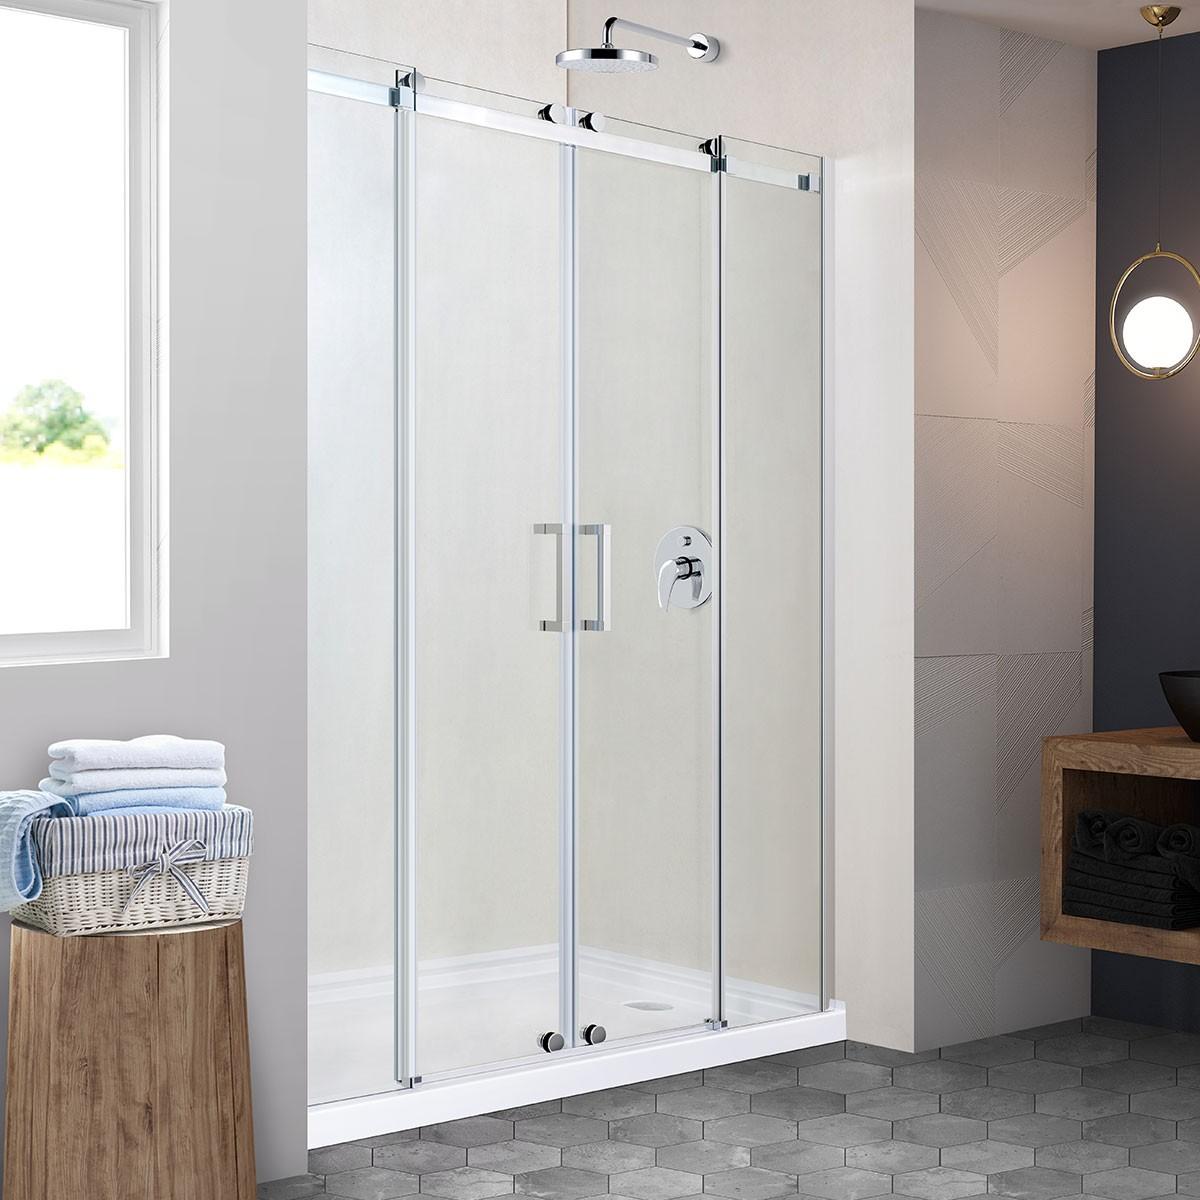 60 In. Sliding Shower Door (DK-AM6005-8)